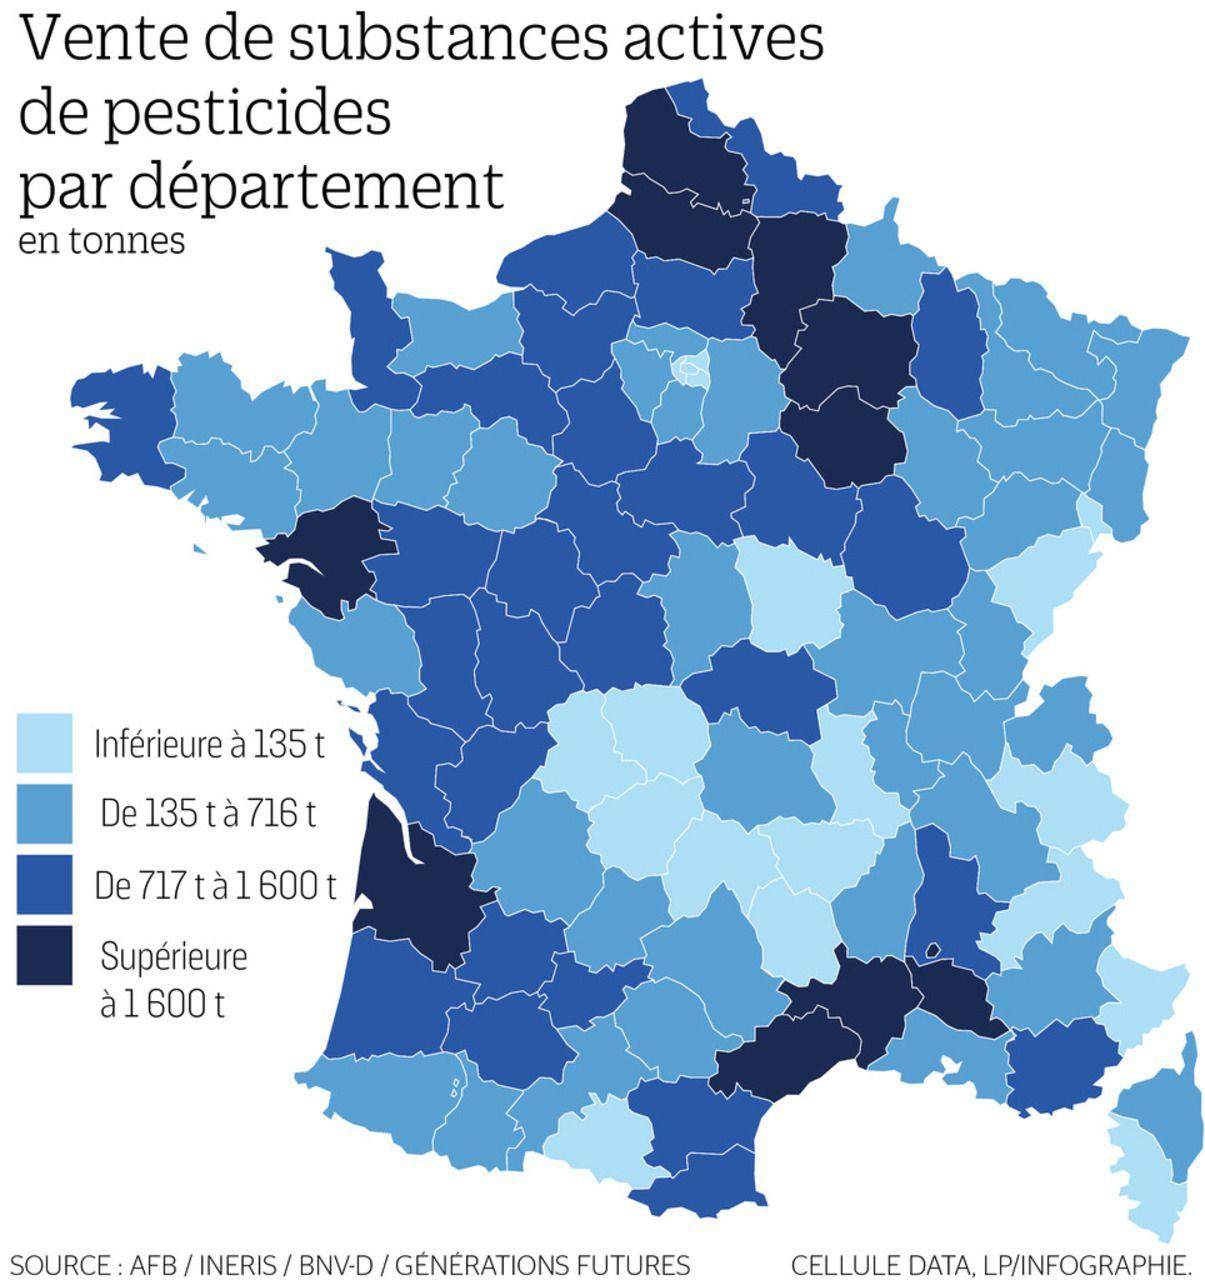 La Carte De France Des Départements Les Plus Consommateurs encequiconcerne Carte De France Des Départements